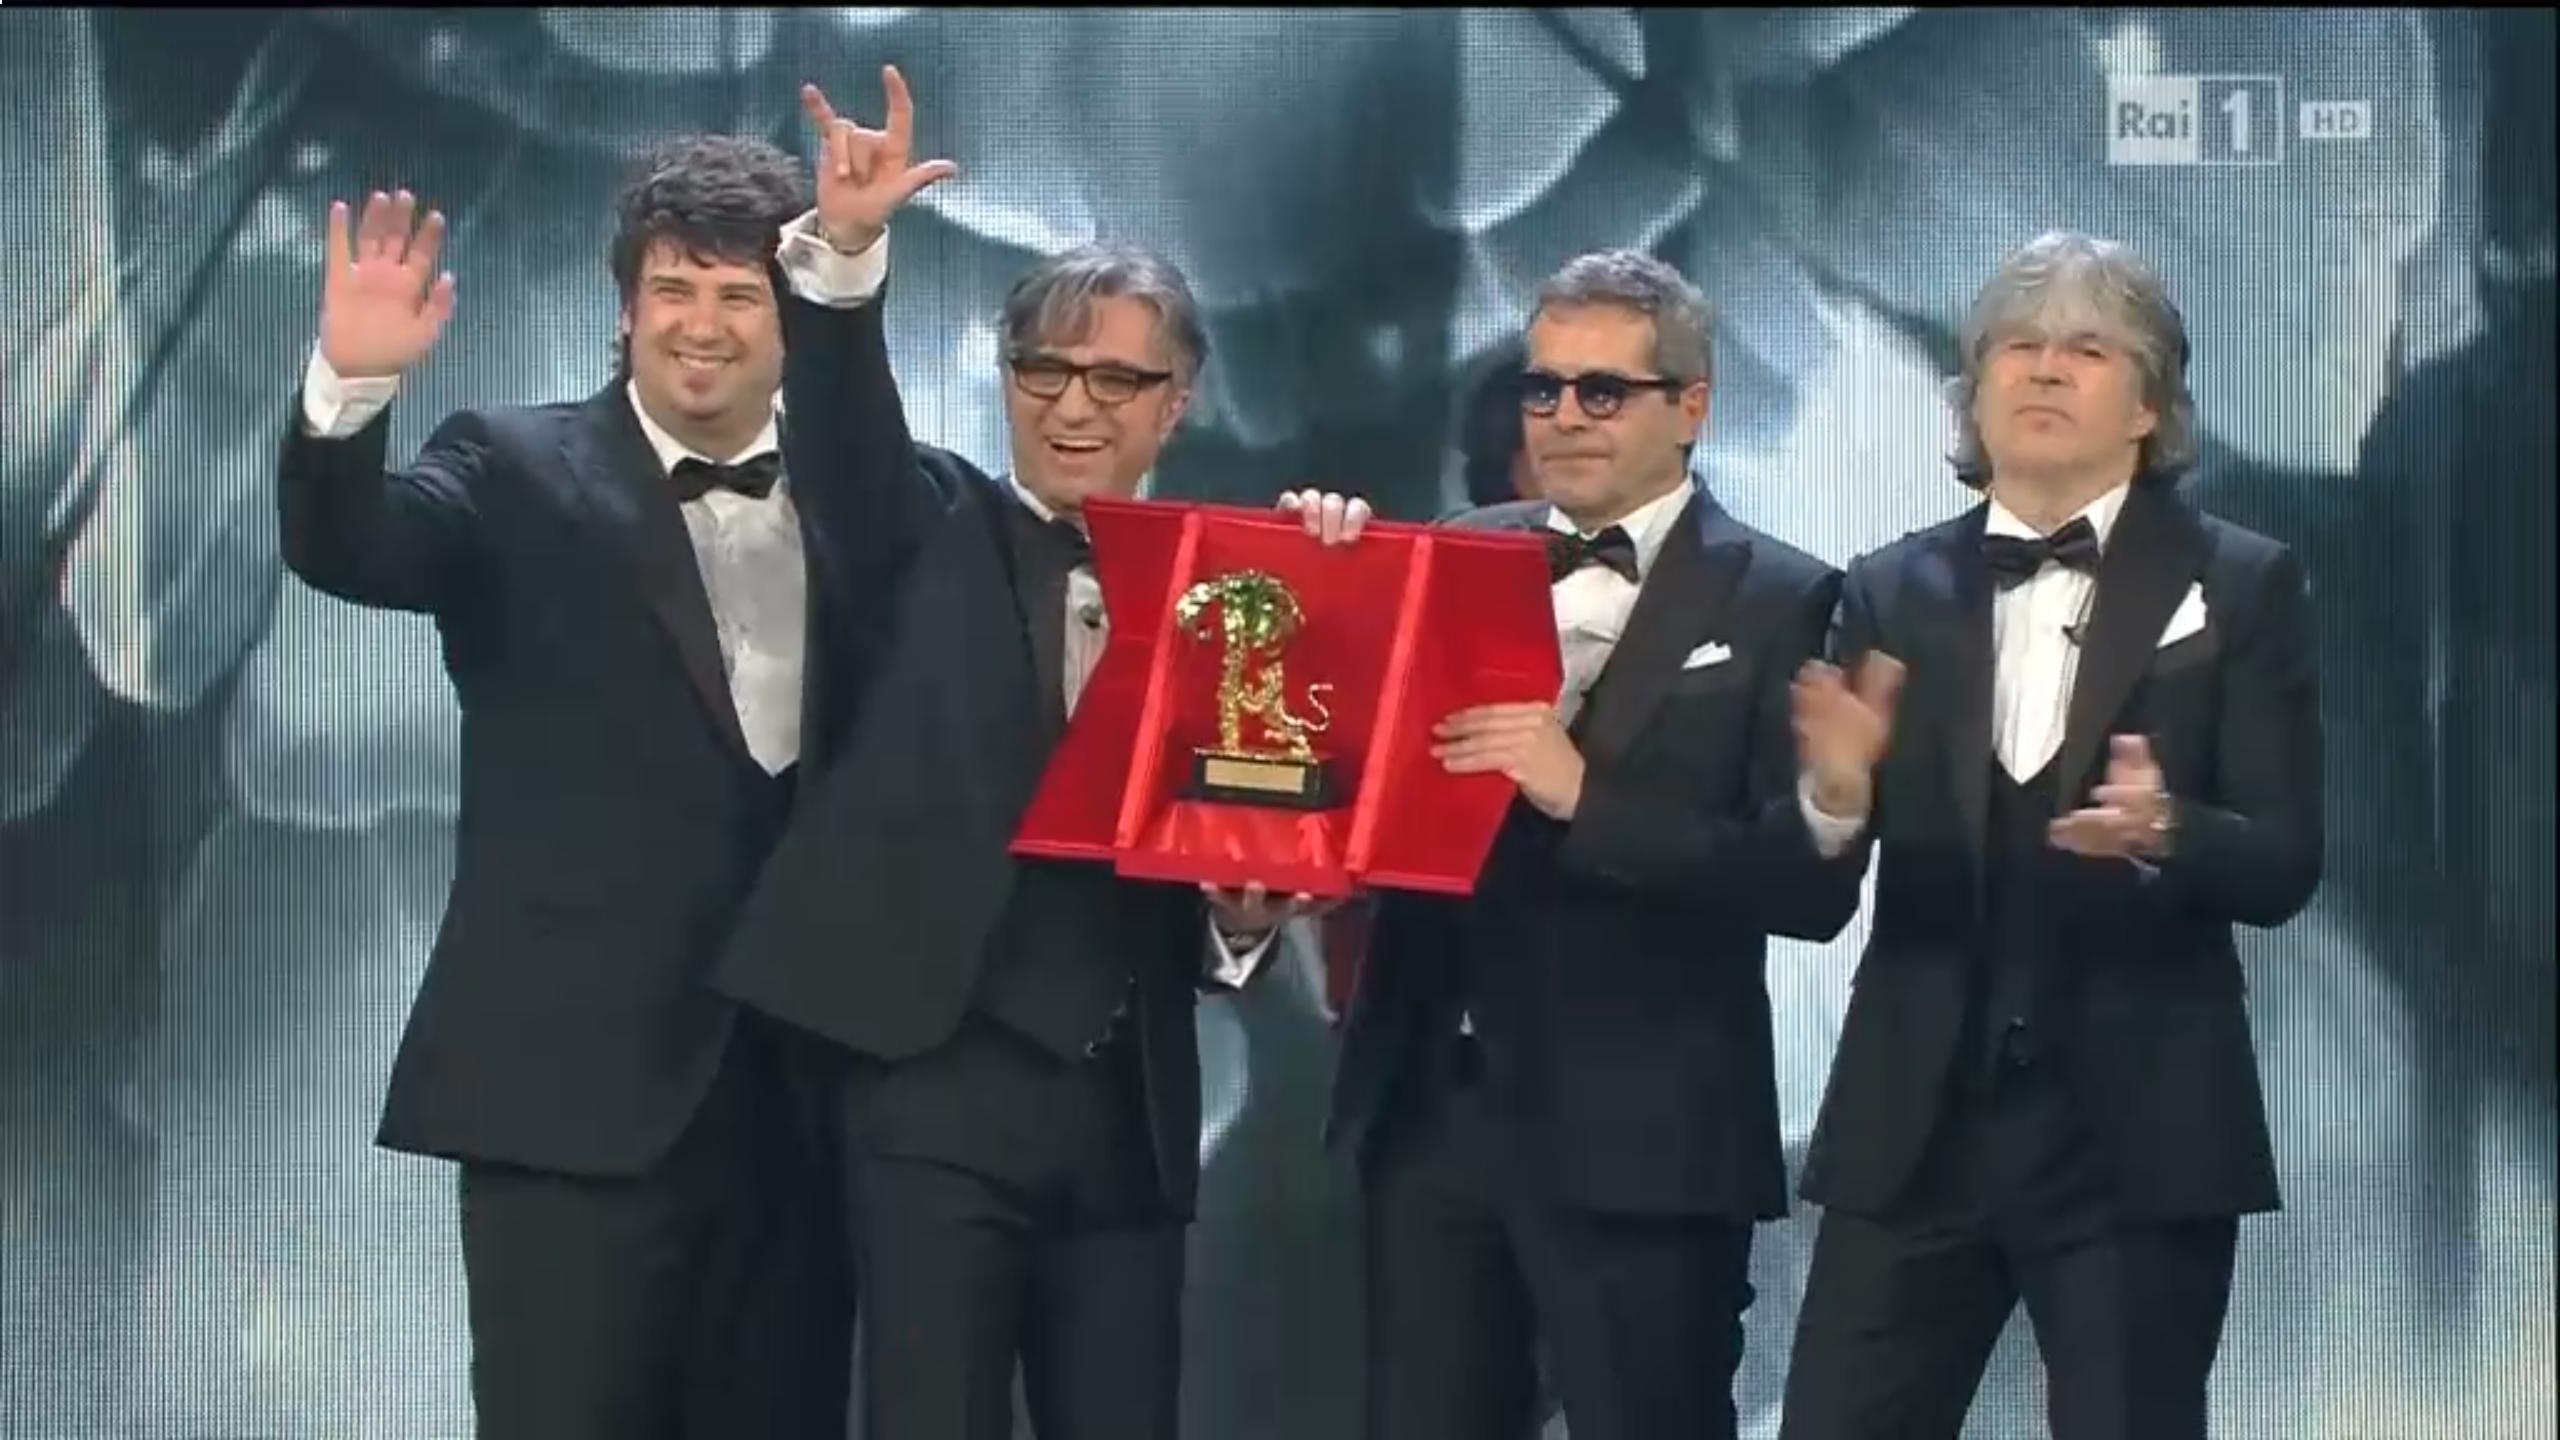 Si è da pococonclusa la 66a edizione del Festival di Sanremo, con un vincitore a sorpresa che ha ribaltato le previsioni della vigilia. In una serata dal pronostico incerto ed […]